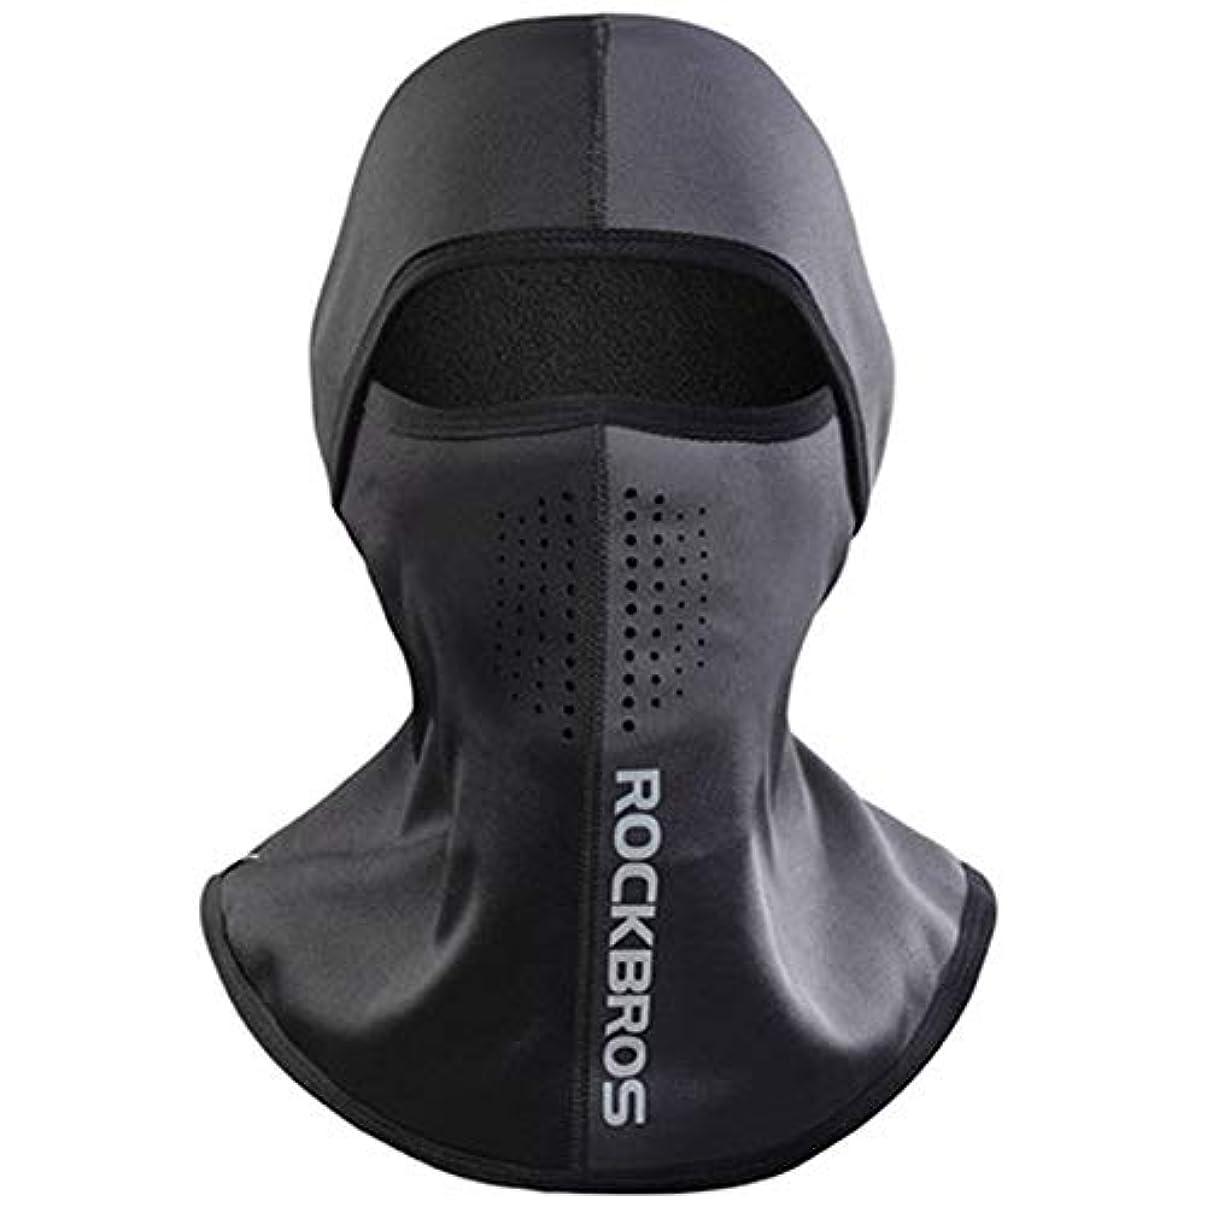 商品政権判読できないオートバイに適した通気穴を備えた防水フリース生地防風スキーマスク、アウトドアスポーツマスクに一般的なサイズに乗って